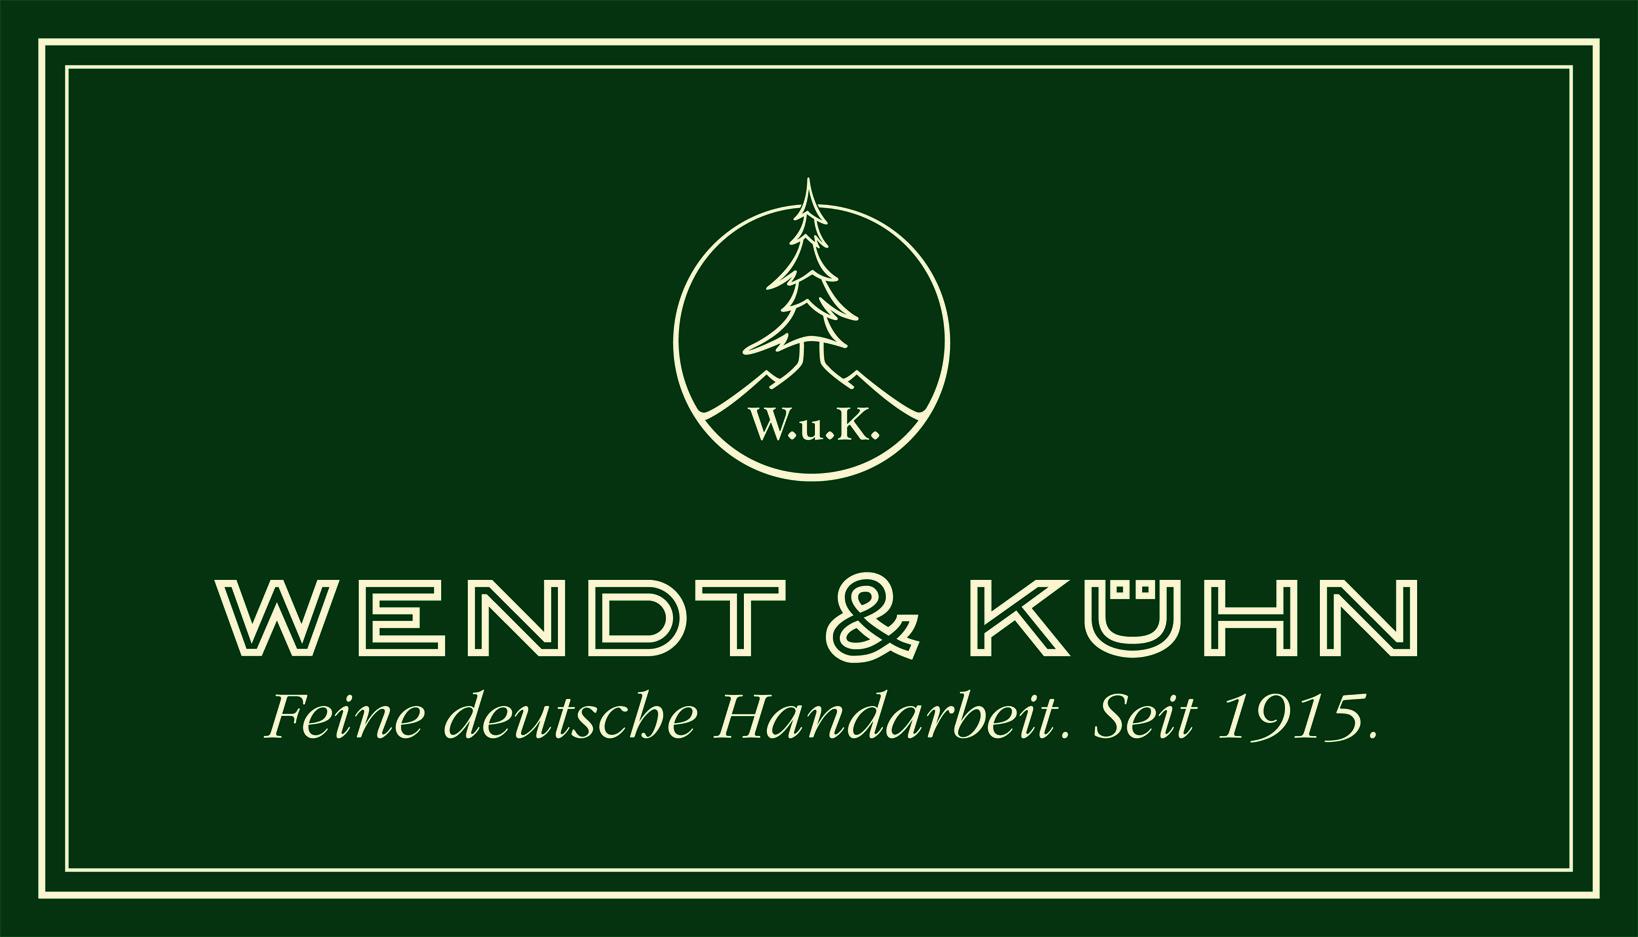 Wendt & Kühn KG